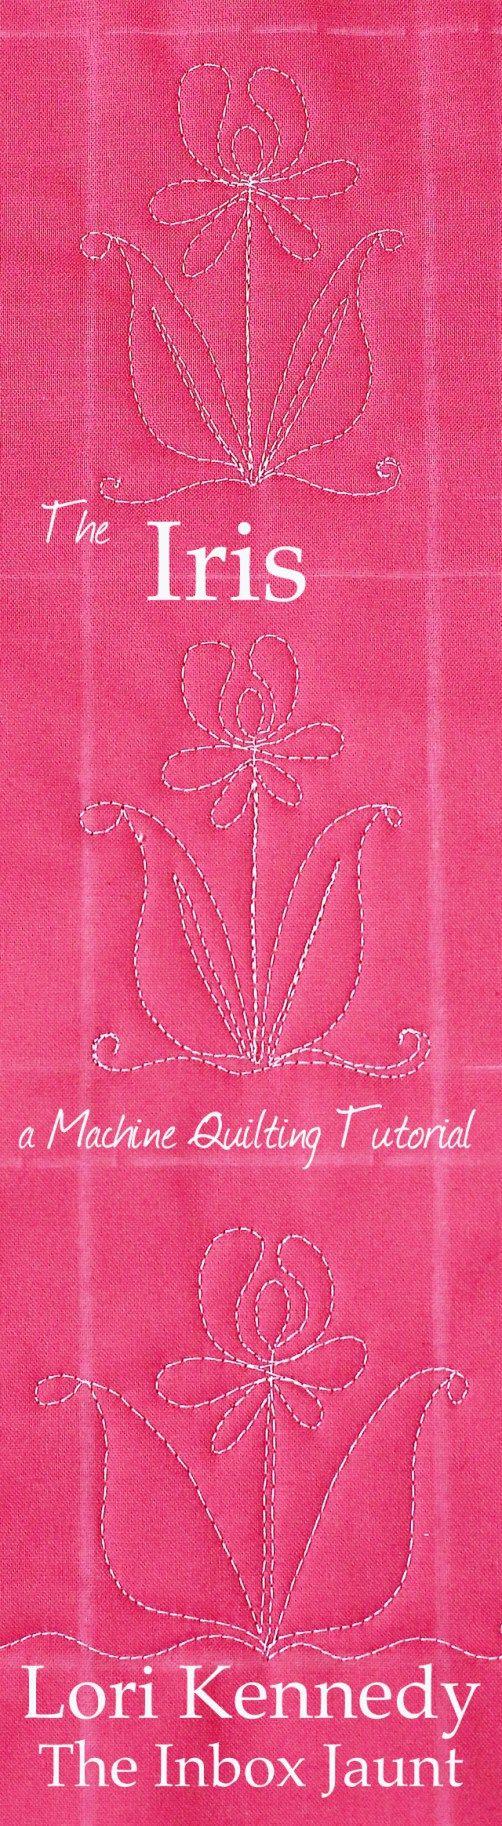 Machine Quilting Tutorials FREE Lori Kennedy The Inbox Jaunt